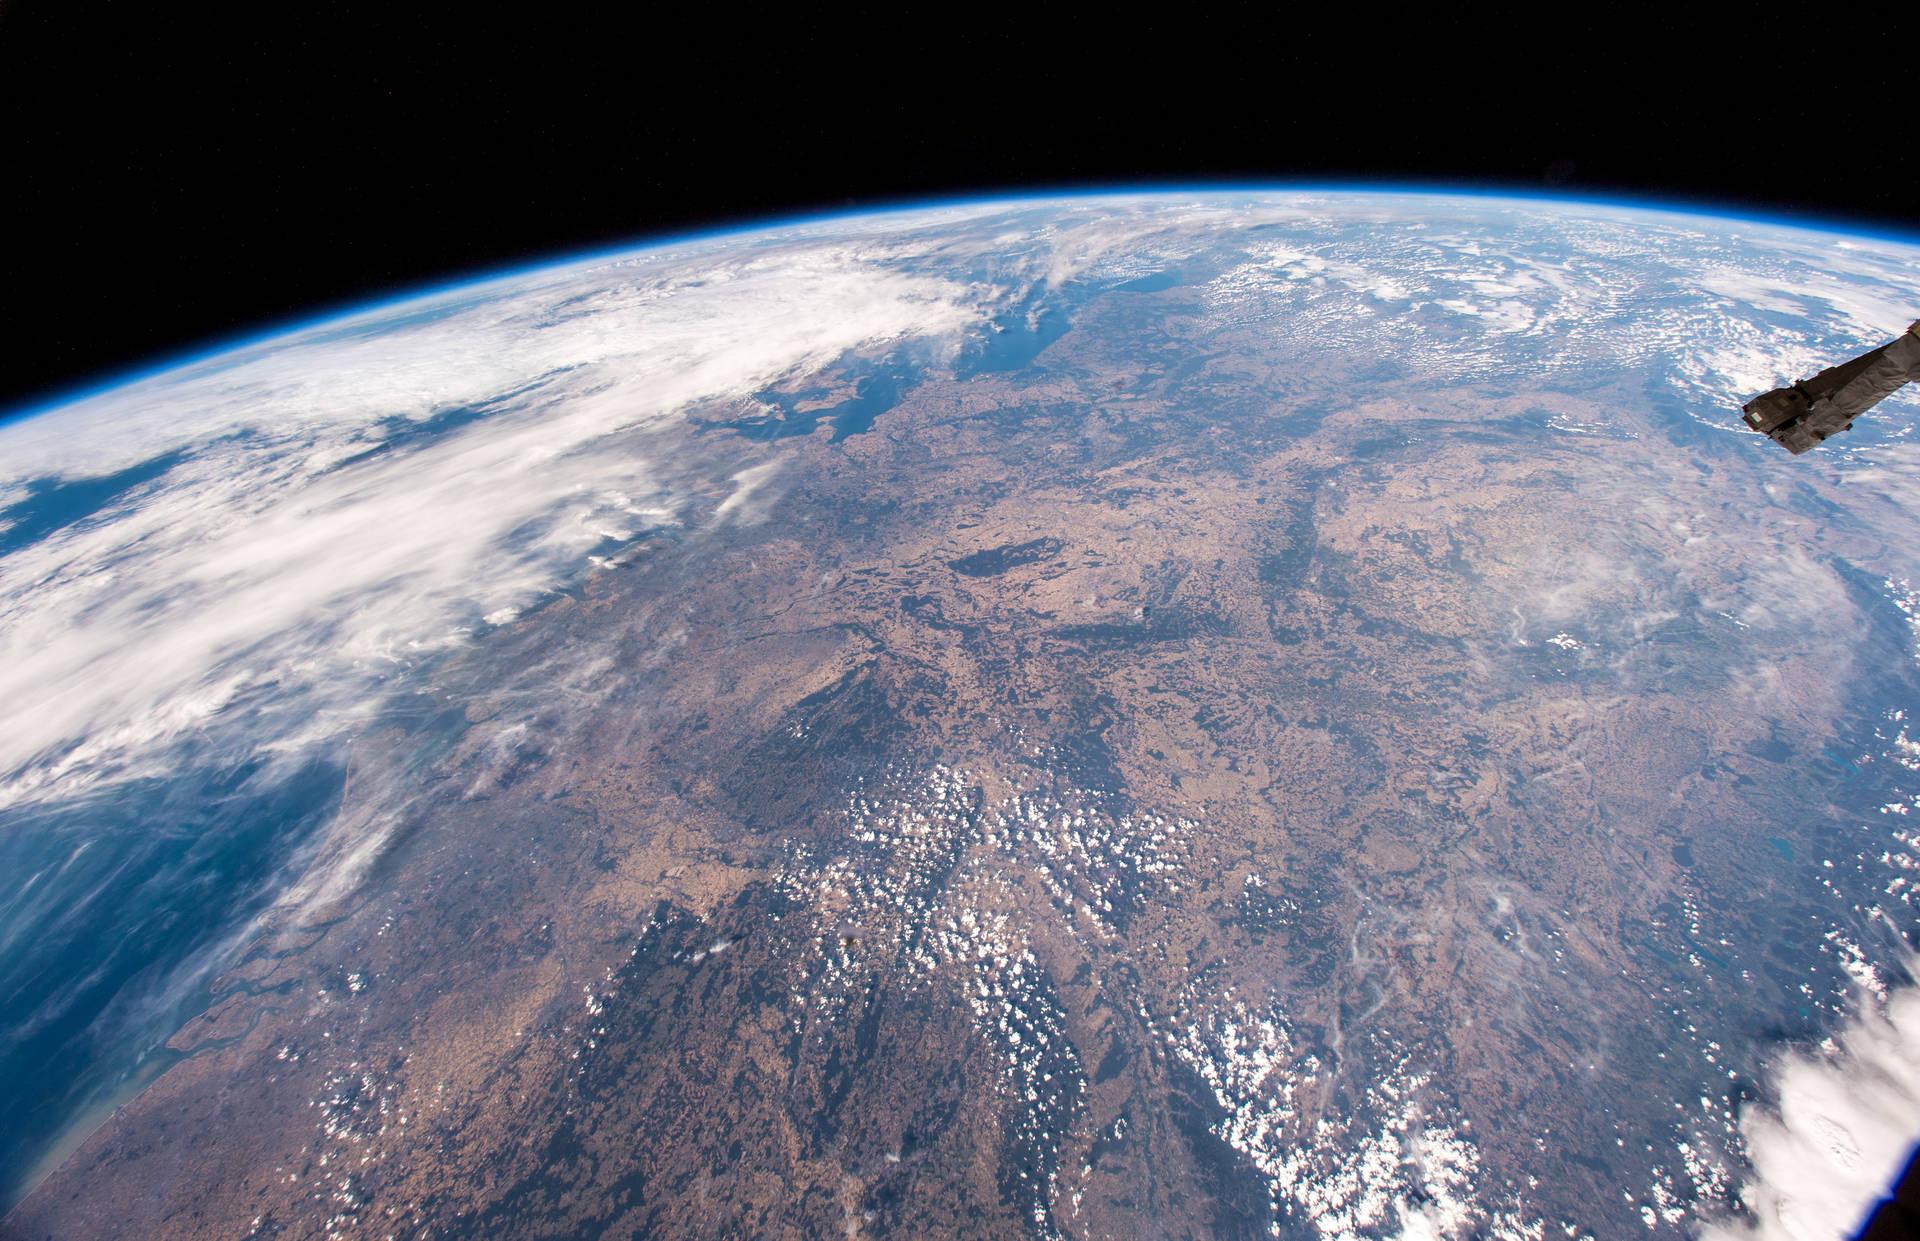 Mitteleuropa mit Deutschland, gesehen am 6. August von Bord der ISS. Der Blick geht vom Südwesten nach Nordosten. Oben die Ostsee, links die Nordsee mit der niederländischen und belgischen Küste. Bild: NASA/ESA/A. Gerst